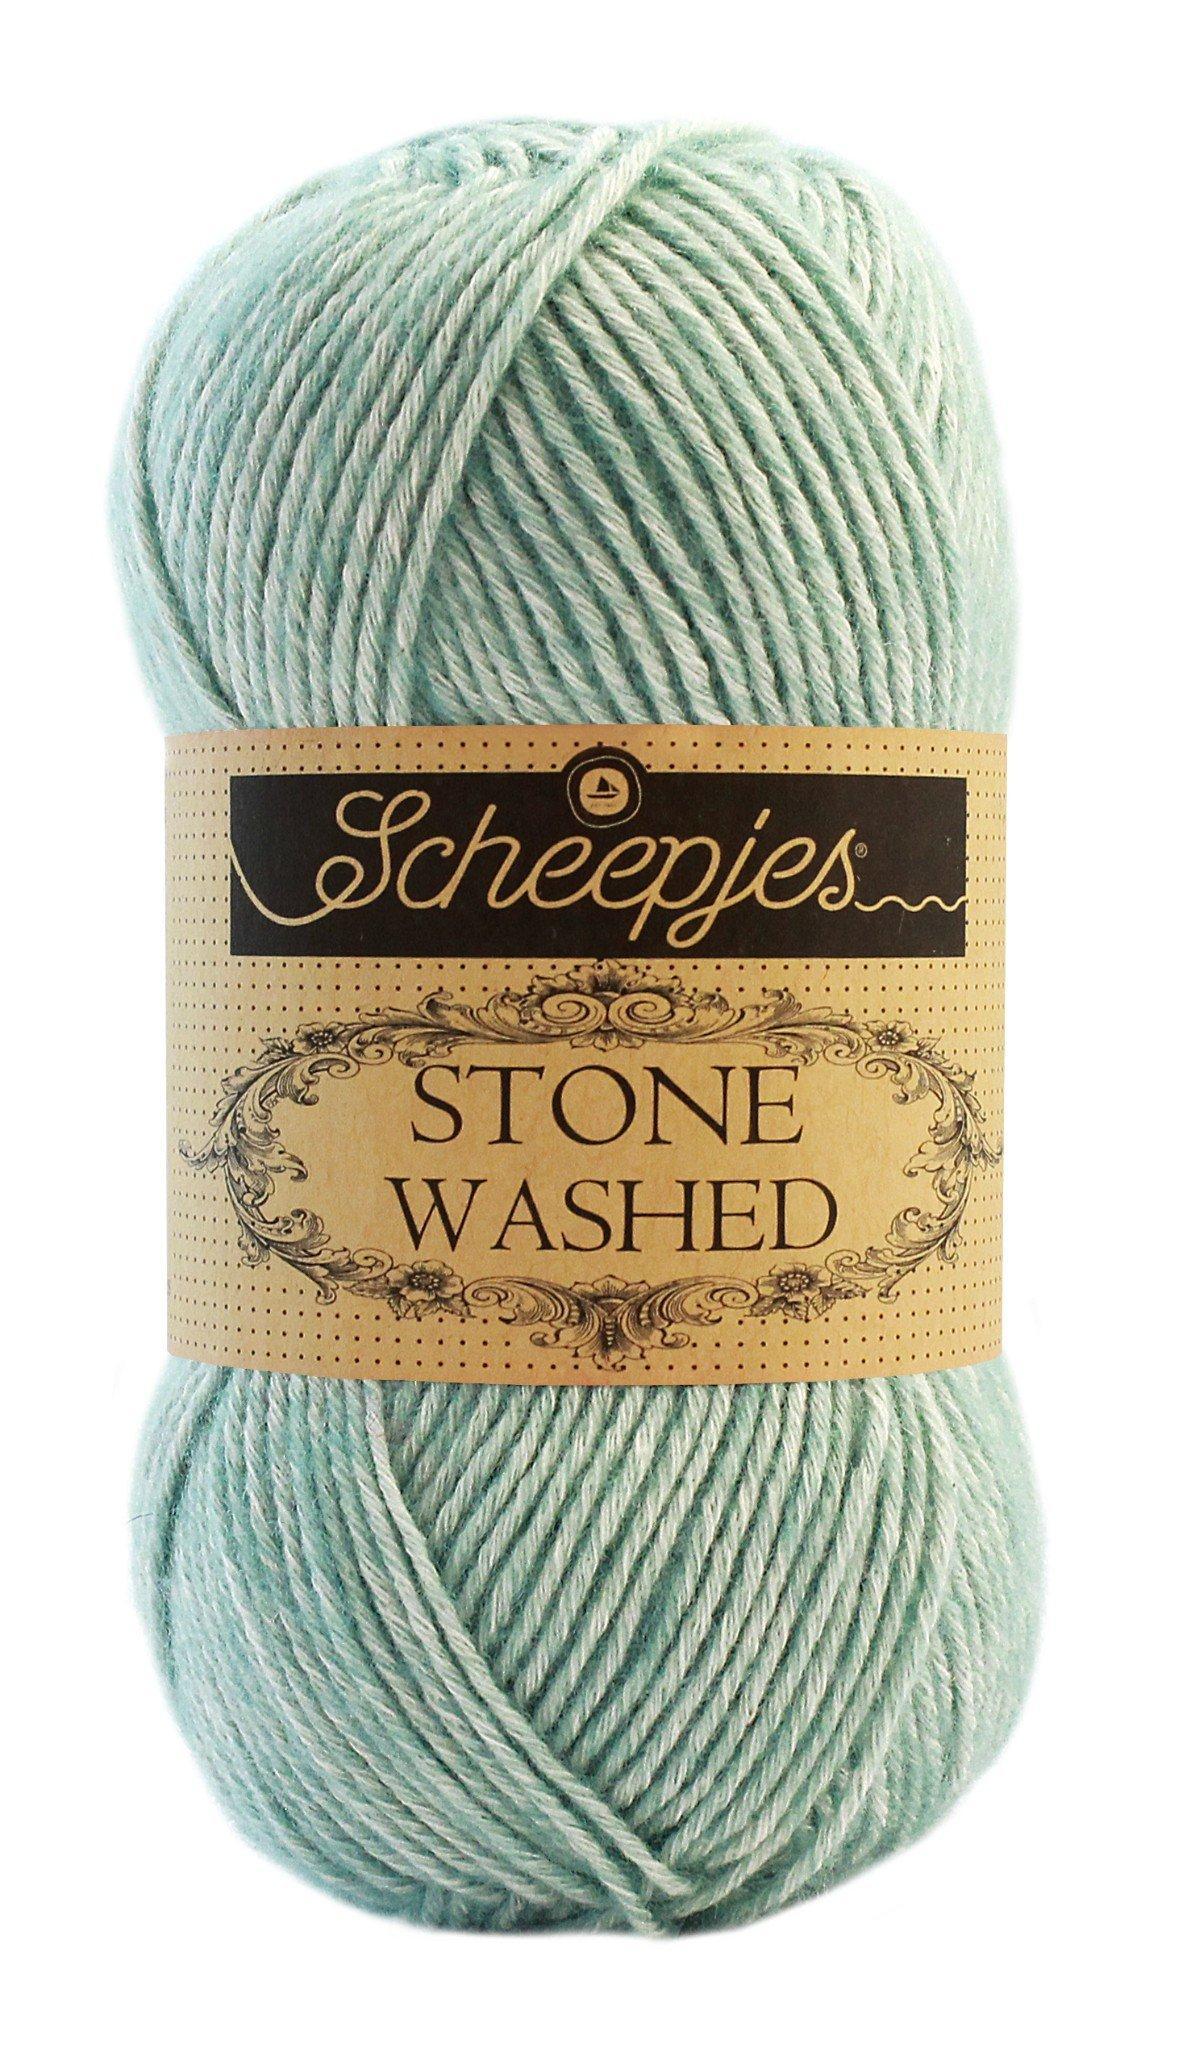 Scheepjes Stone Washed - Larimar 828